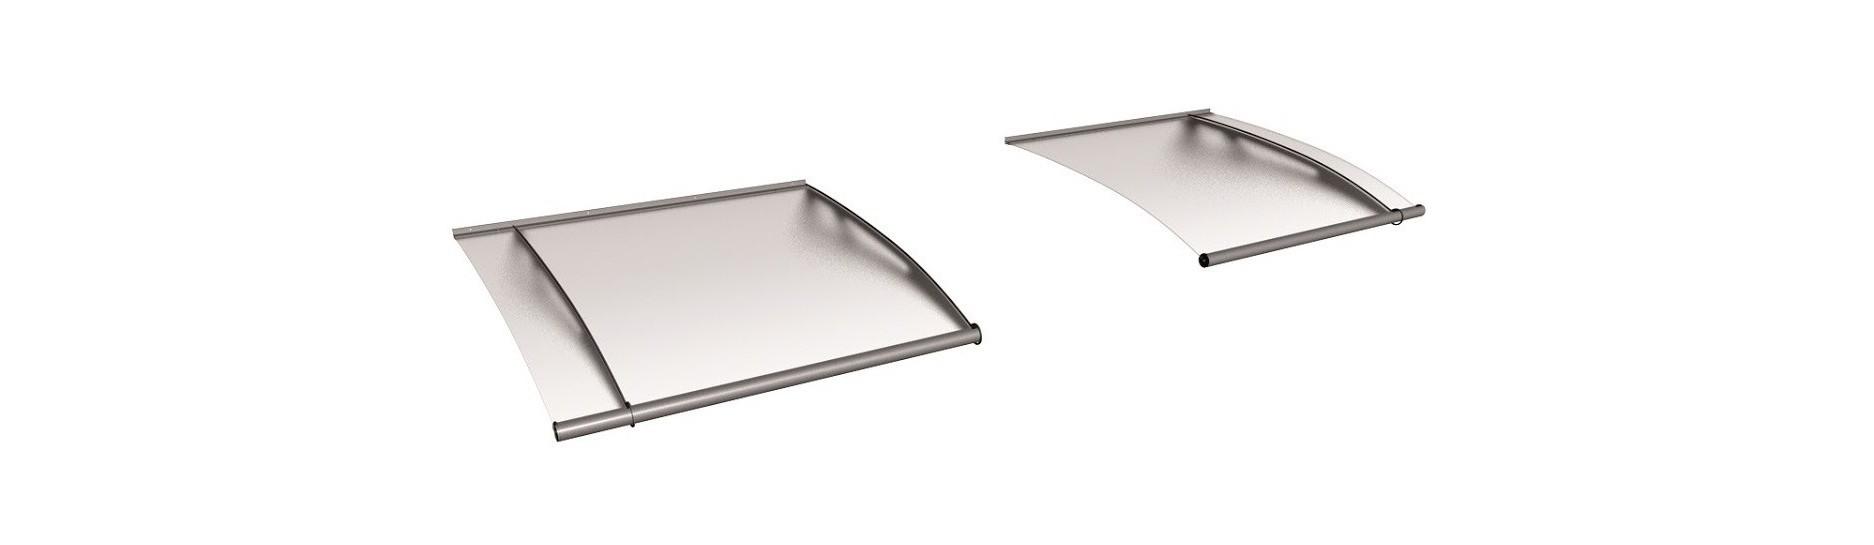 Stavebnicový systém stříšek Lightline Polymer. Sestavte si nejdelší vchodovou stříšku.